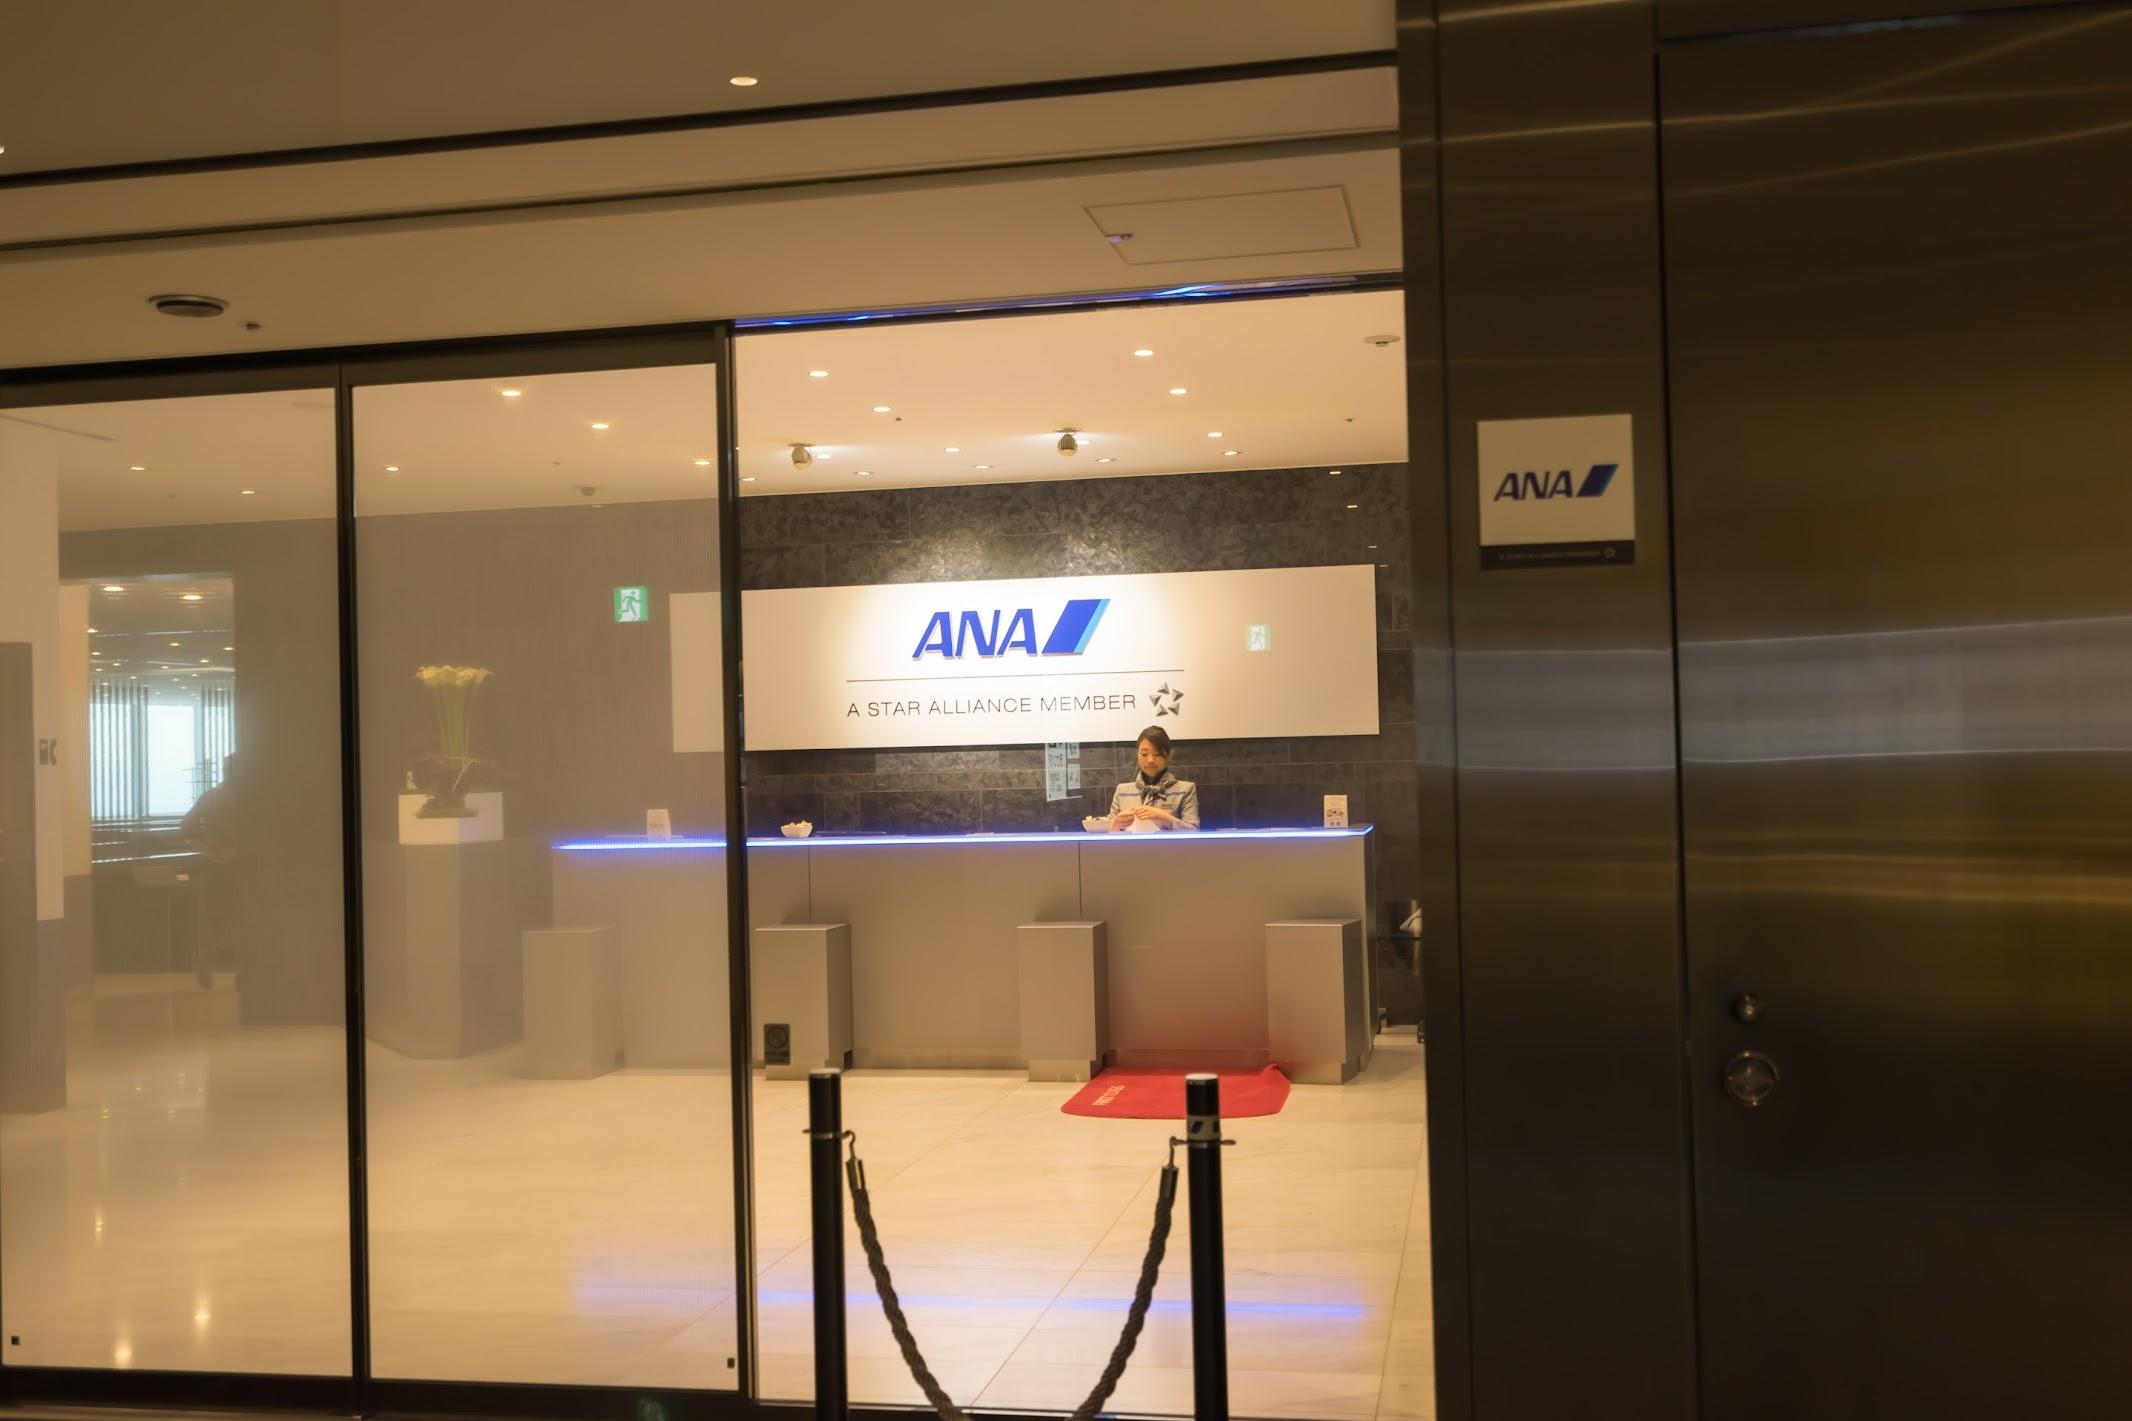 羽田空港 ANA ラウンジ1